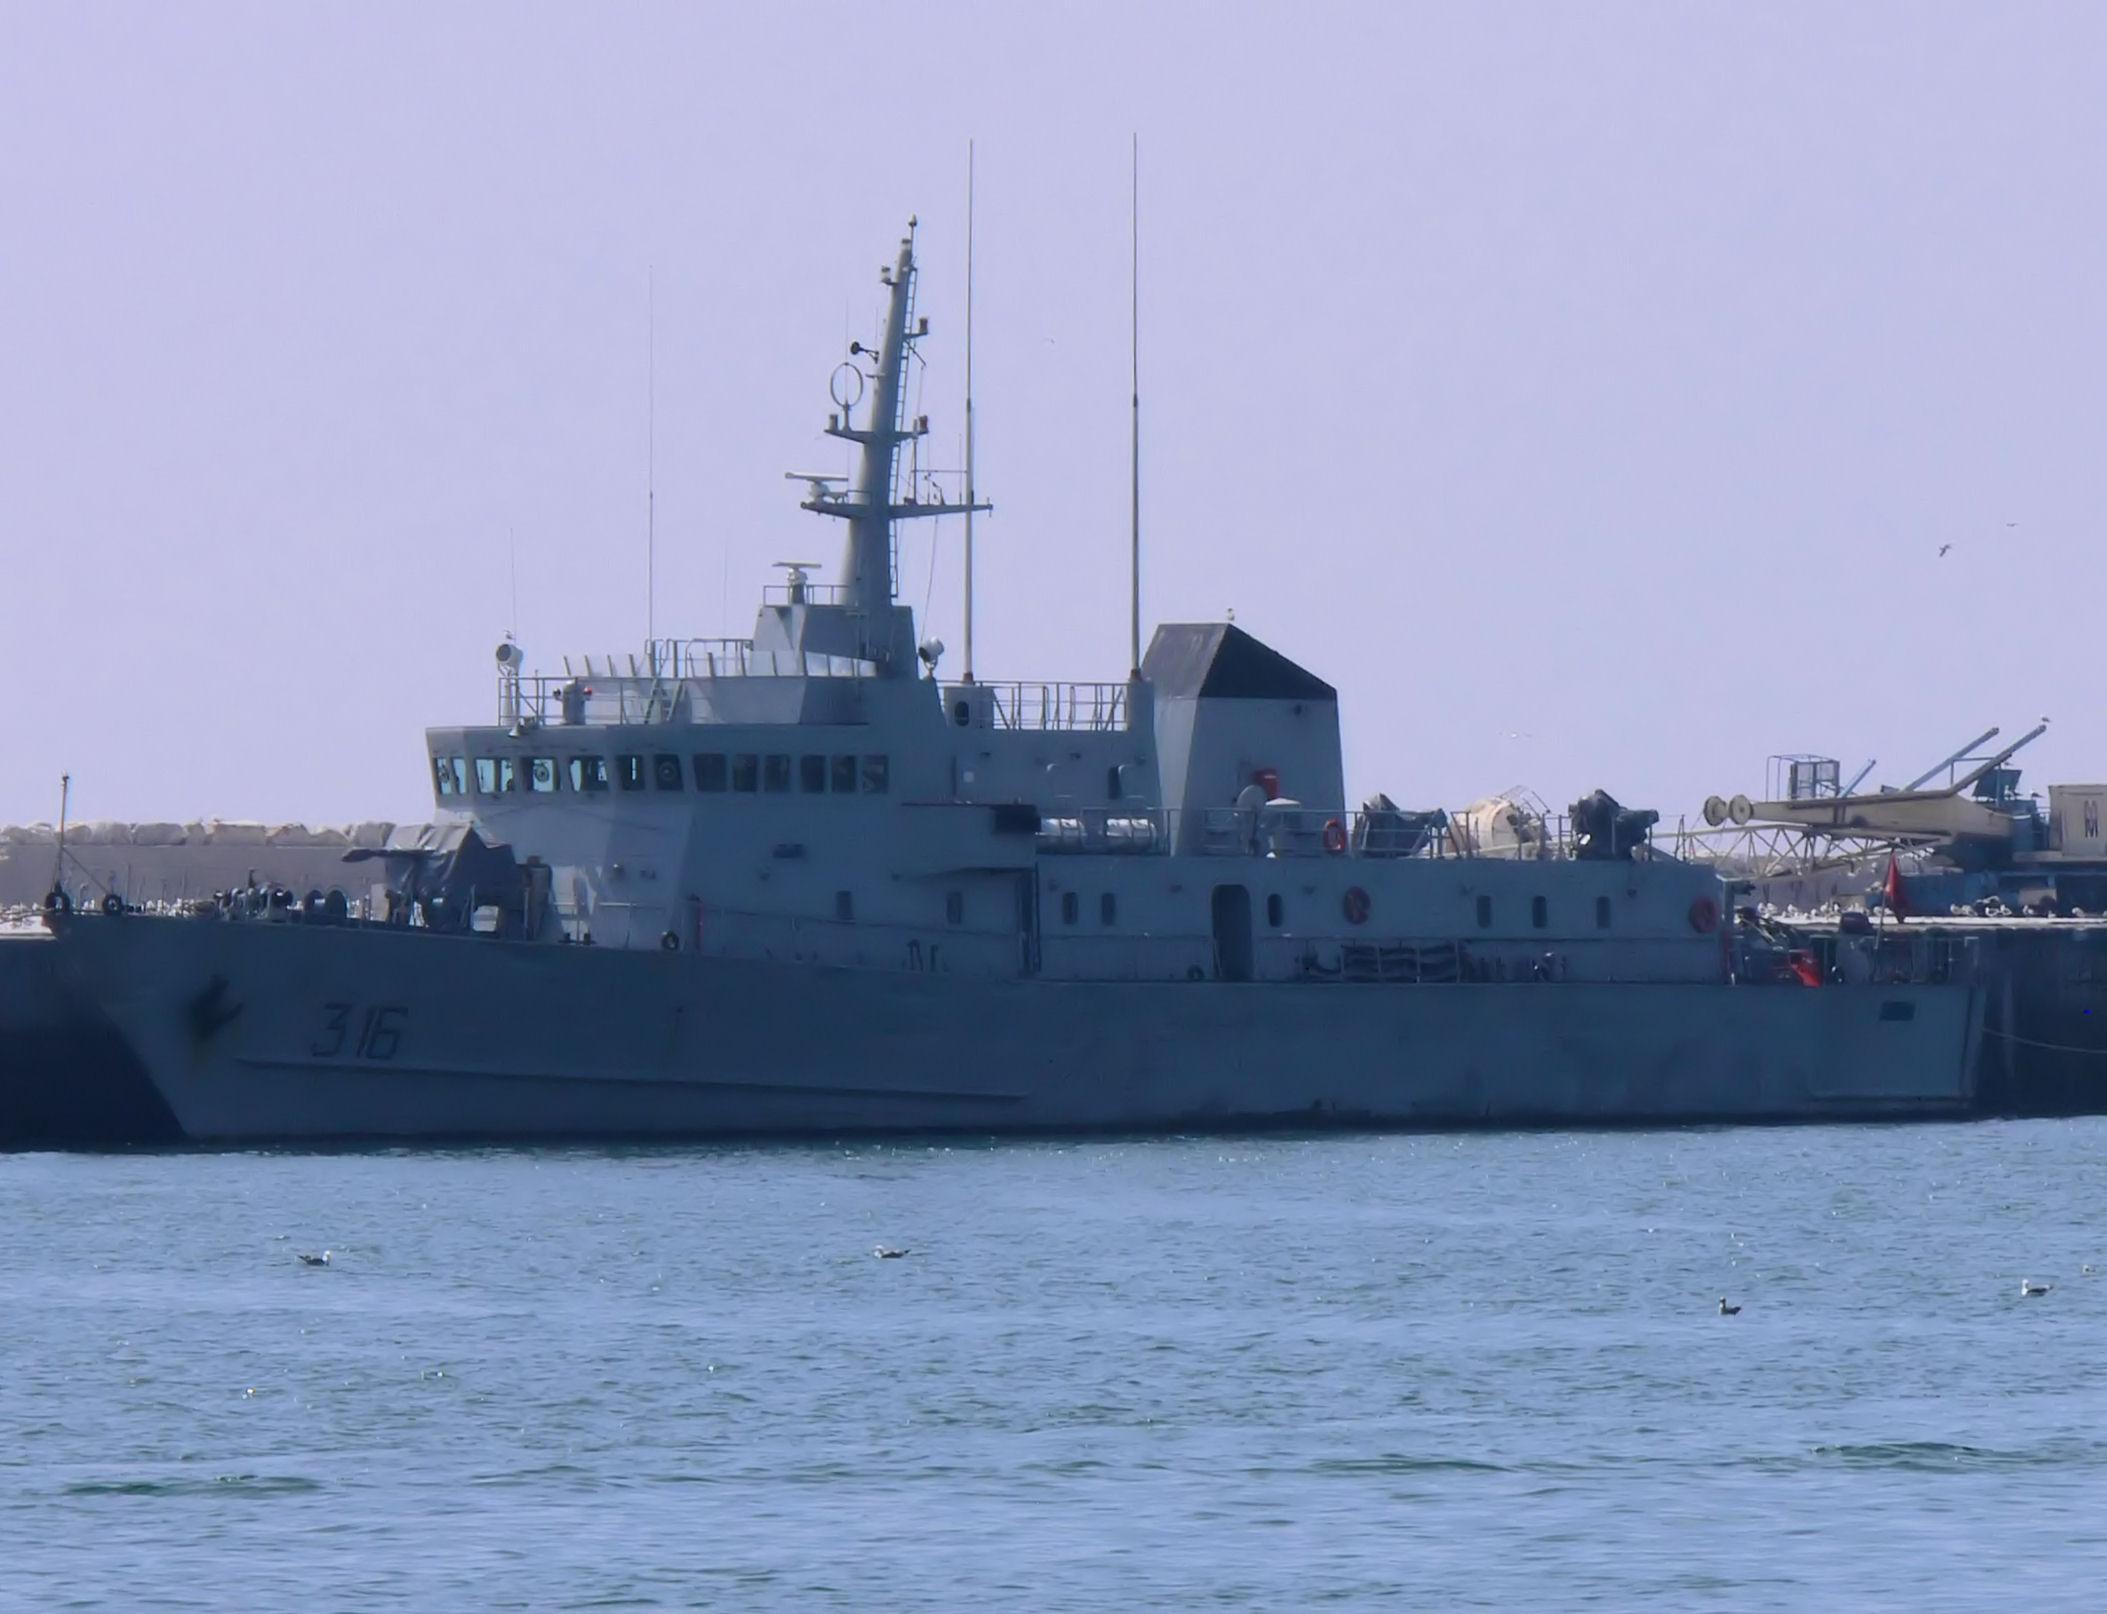 Royal Moroccan Navy Patrol Boats / Patrouilleurs de la Marine Marocaine - Page 12 2441501